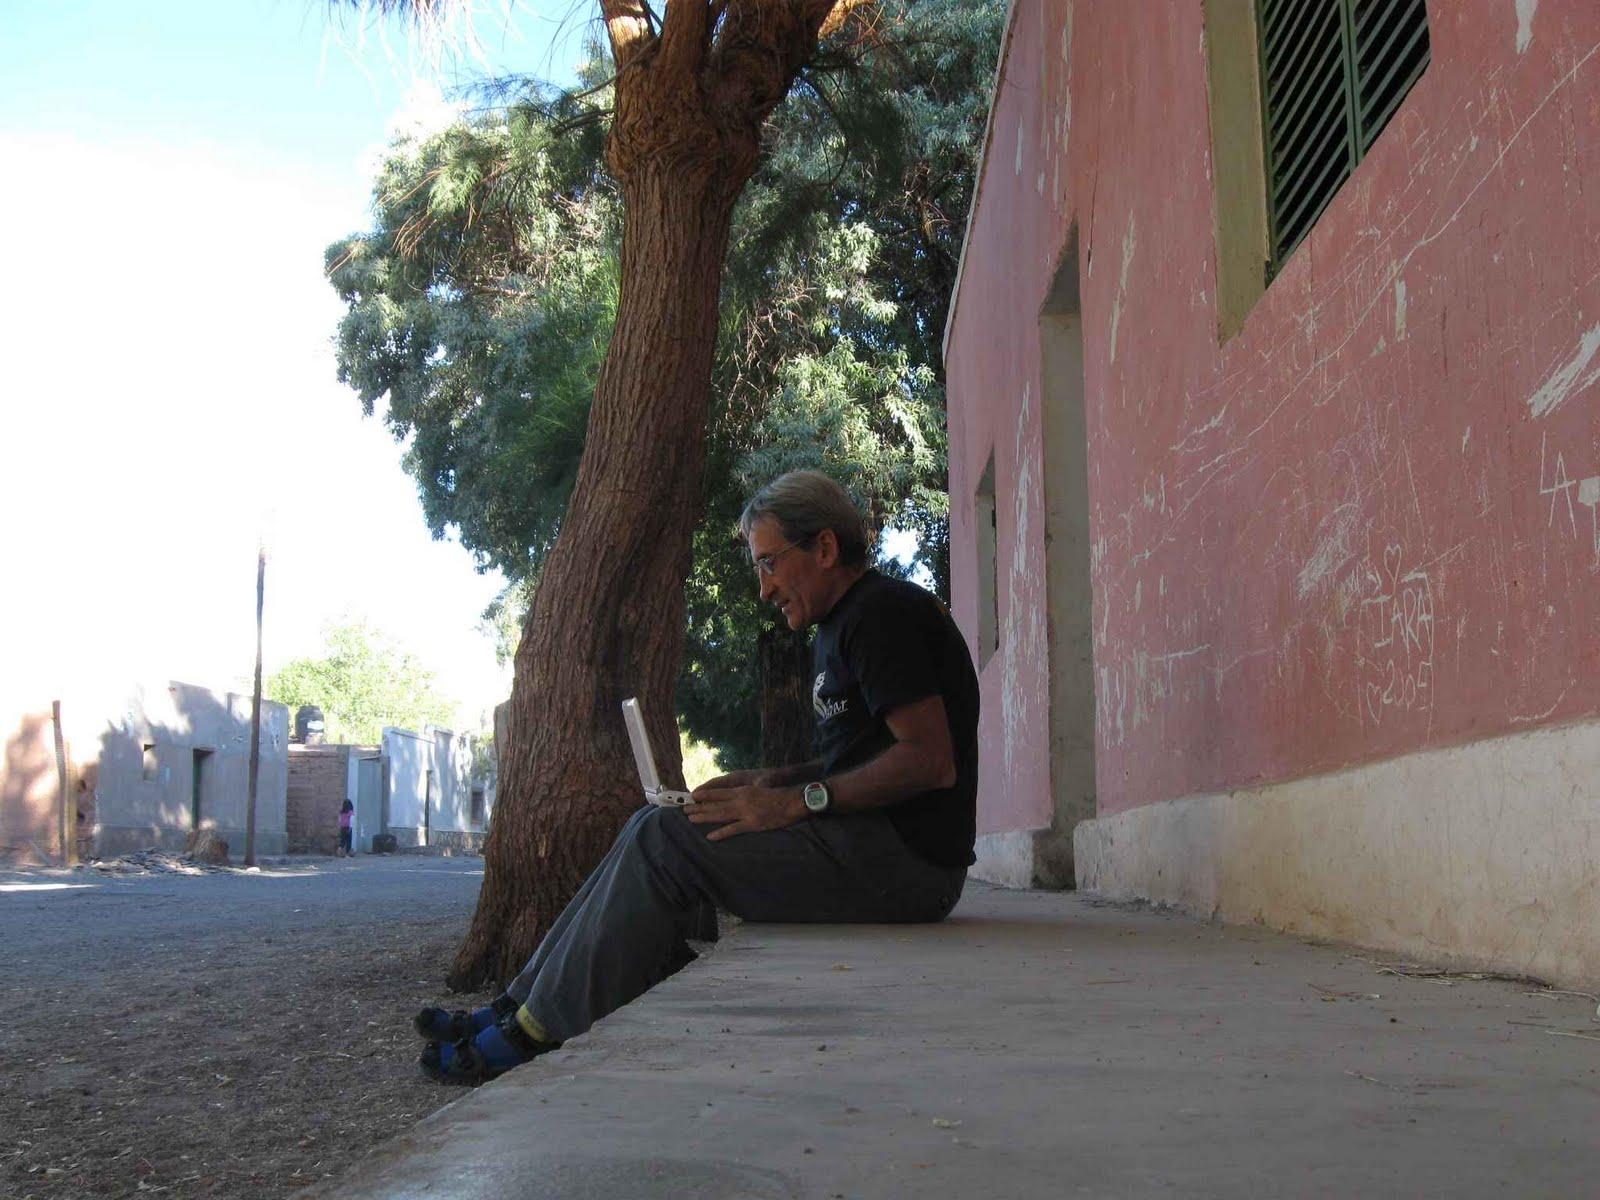 LEJARRETA EN LOS ANDES (2009) Computer+en+Antofagasta+2